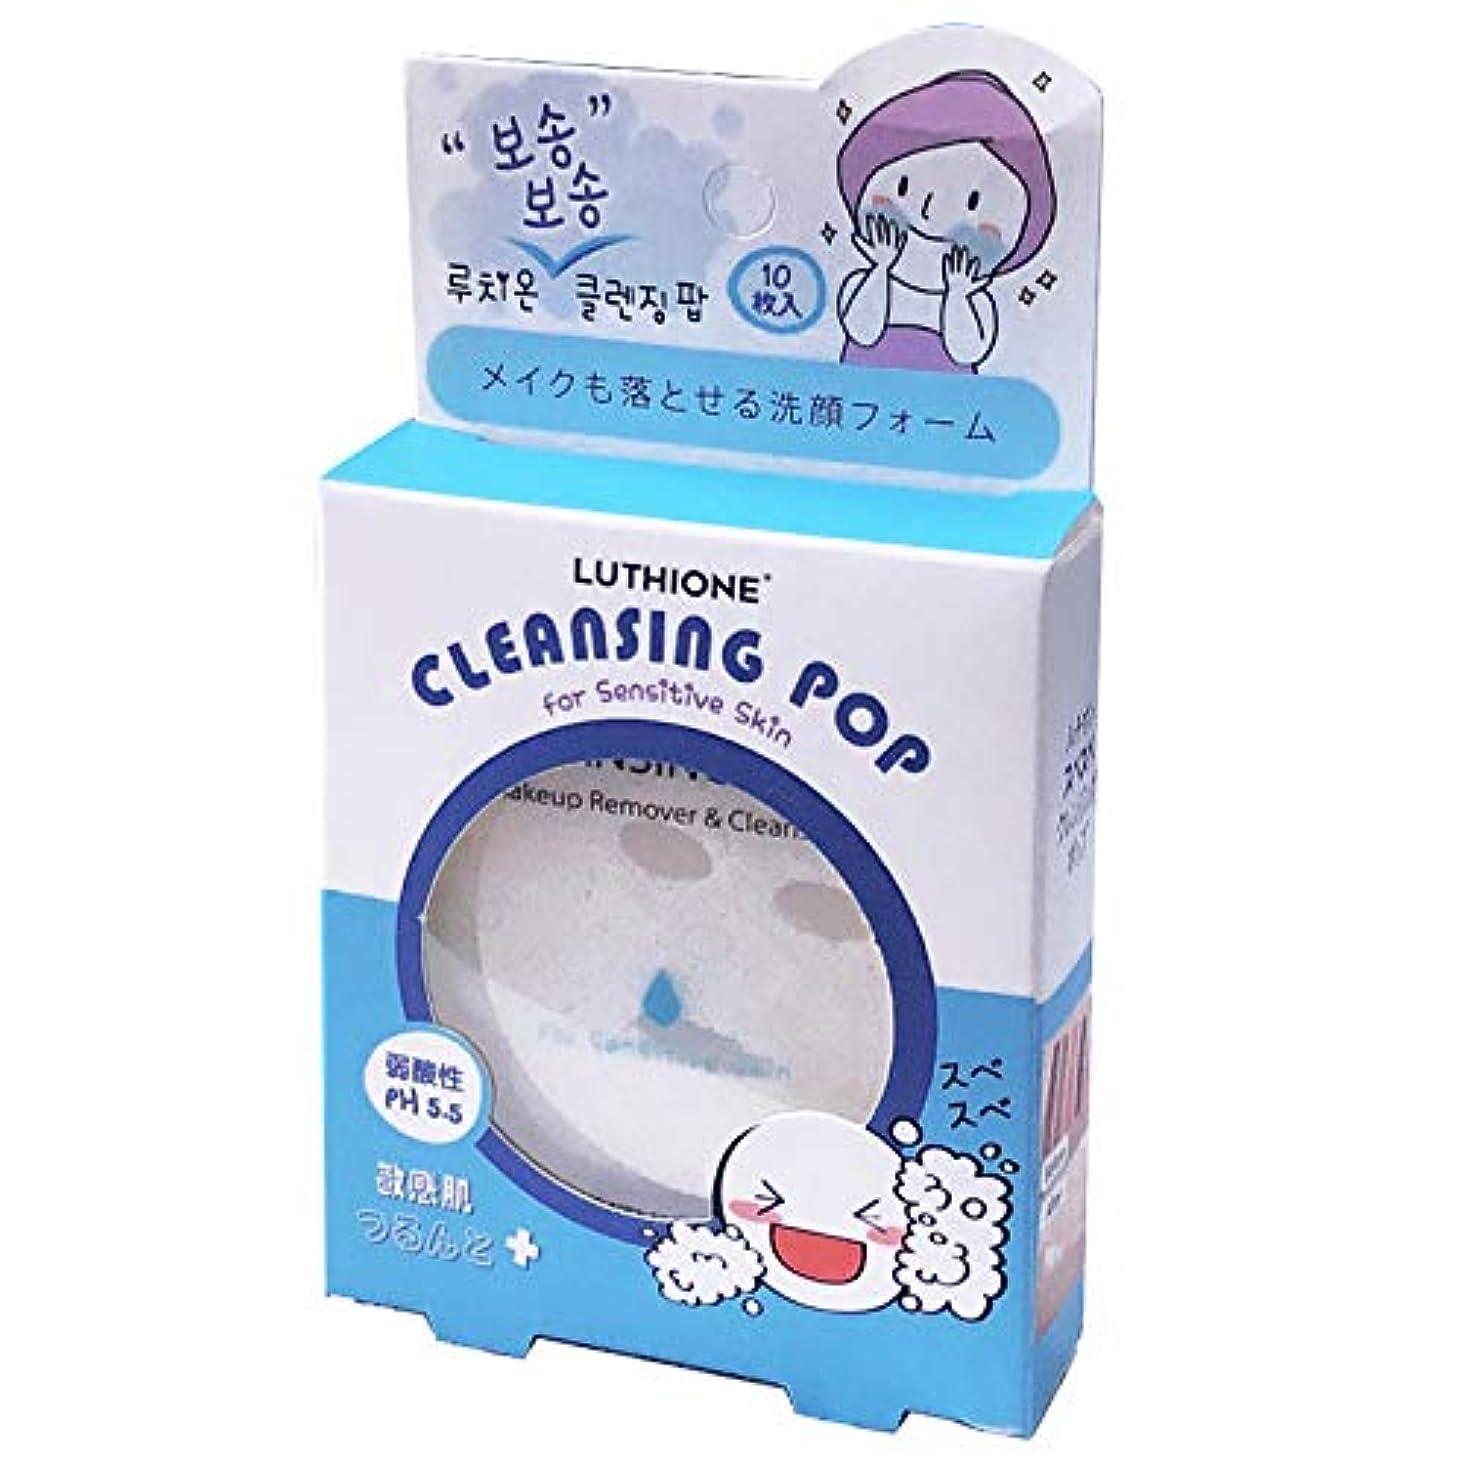 解決する初心者アンカー【まとめ買い】ルチオン クレンジングポップ (LUTHIONE CLEANSING POP) 敏感肌 10枚入り ×10個